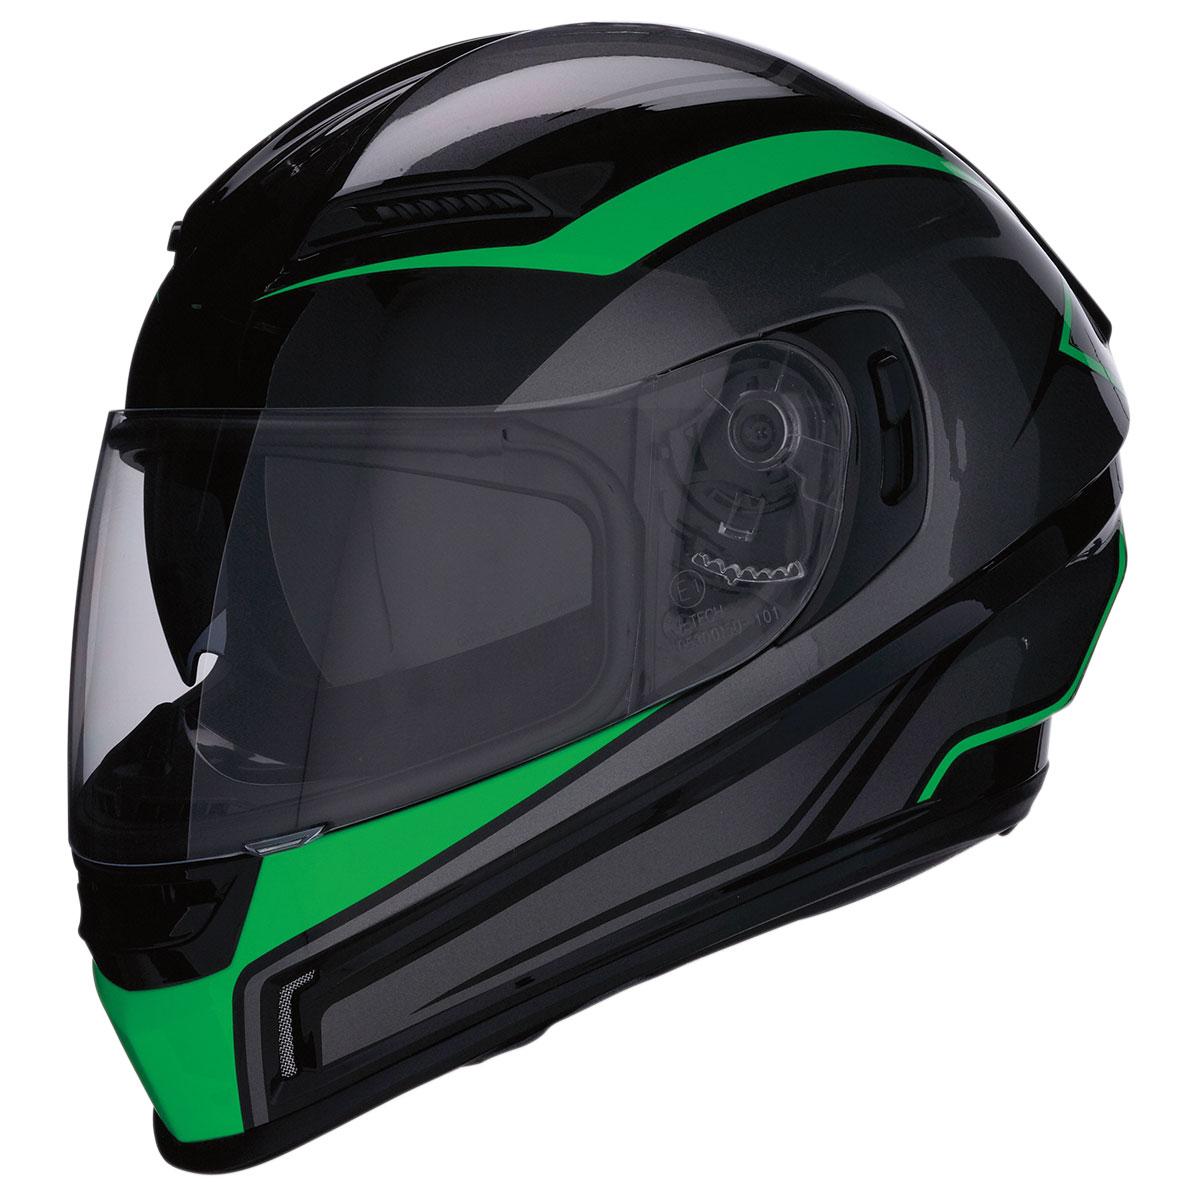 Z1R Jackal Green Full Face Helmet